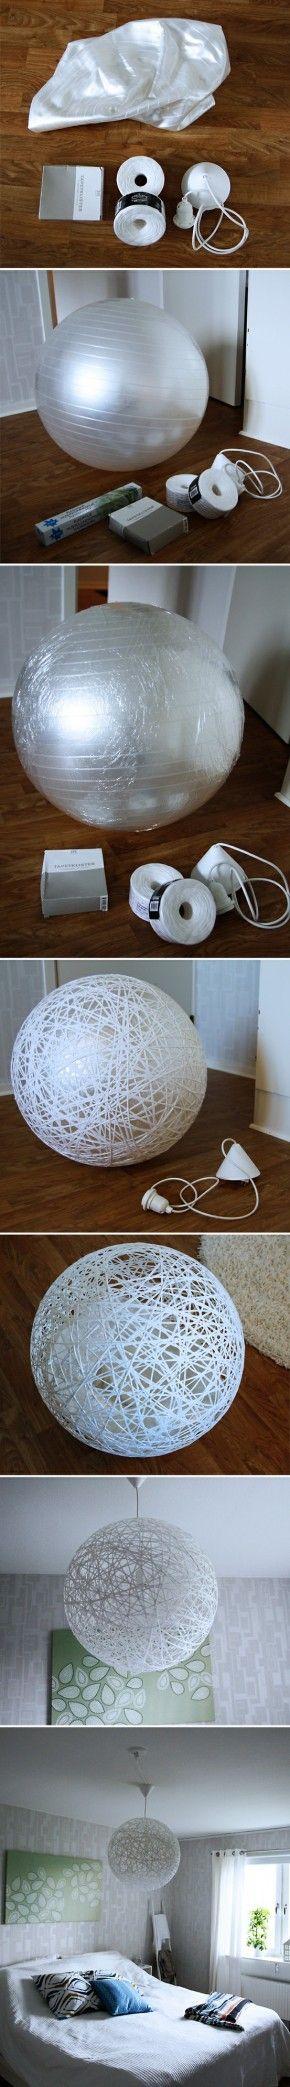 Als je de yoga bal echt zat bent, kun je er altijd nog een lamp van maken!